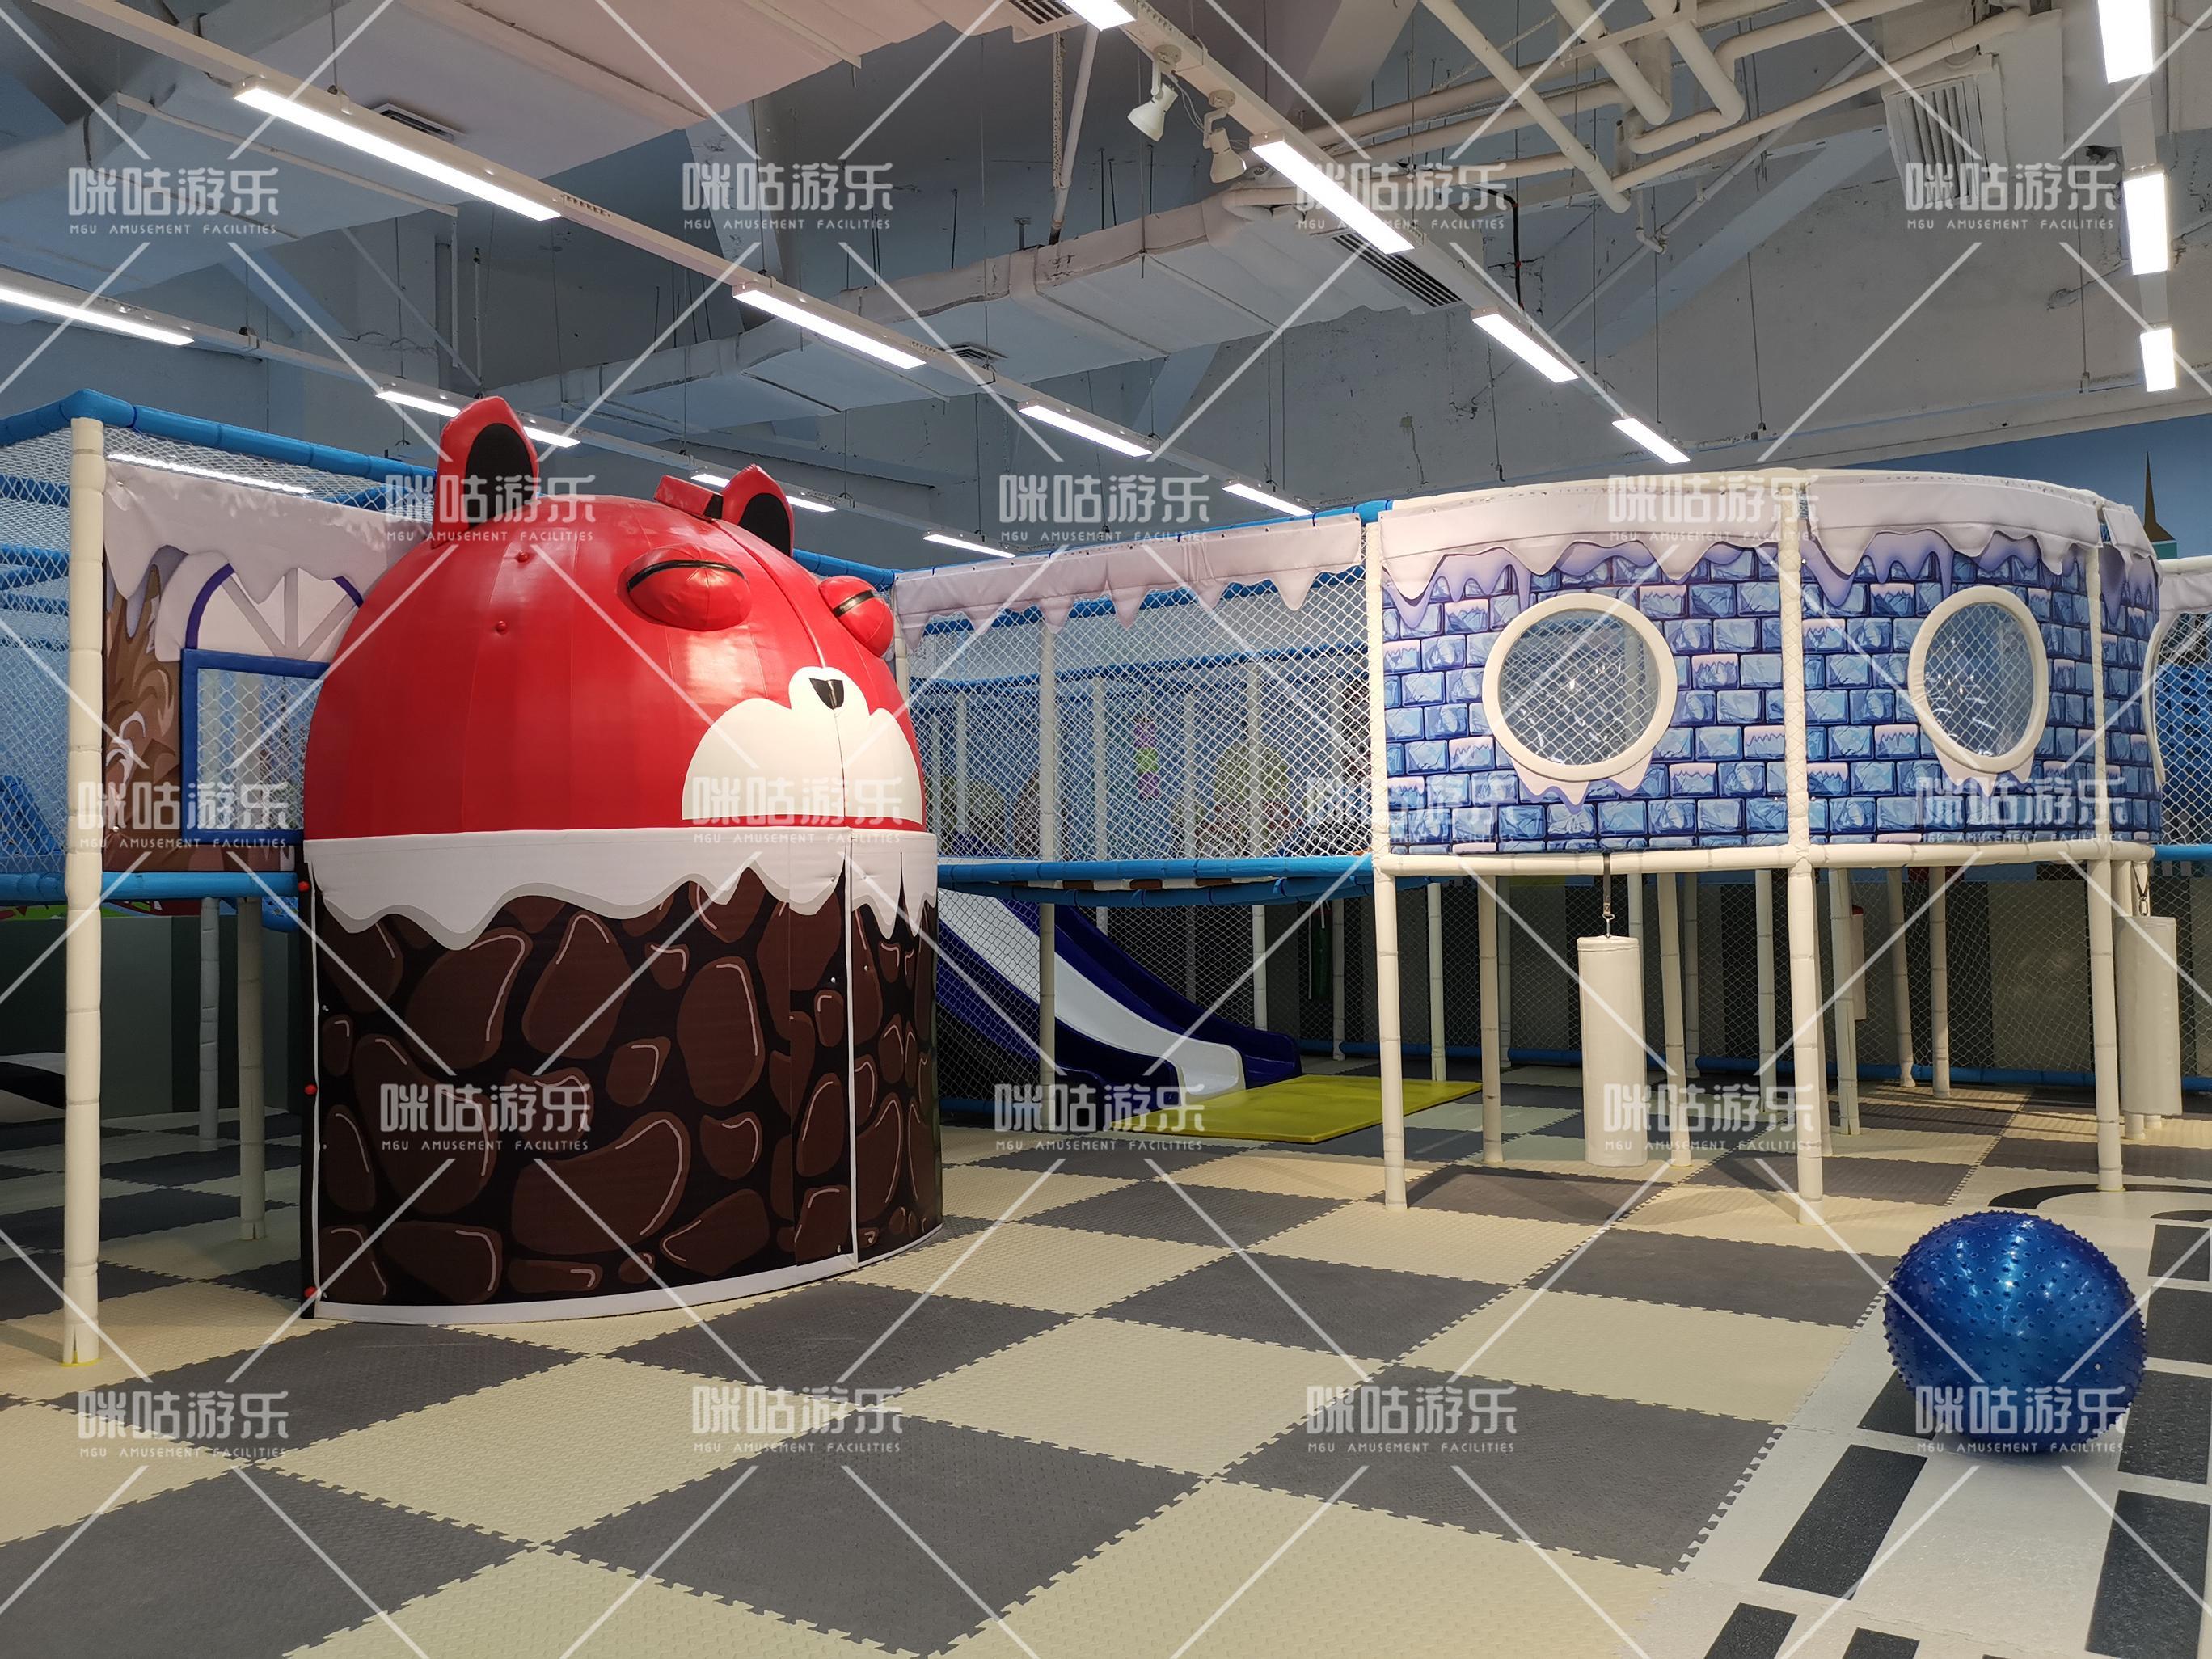 微信图片_20200429160038 - 副本.jpg 武威儿童乐园发展现状及前景如何? 加盟资讯 游乐设备第1张